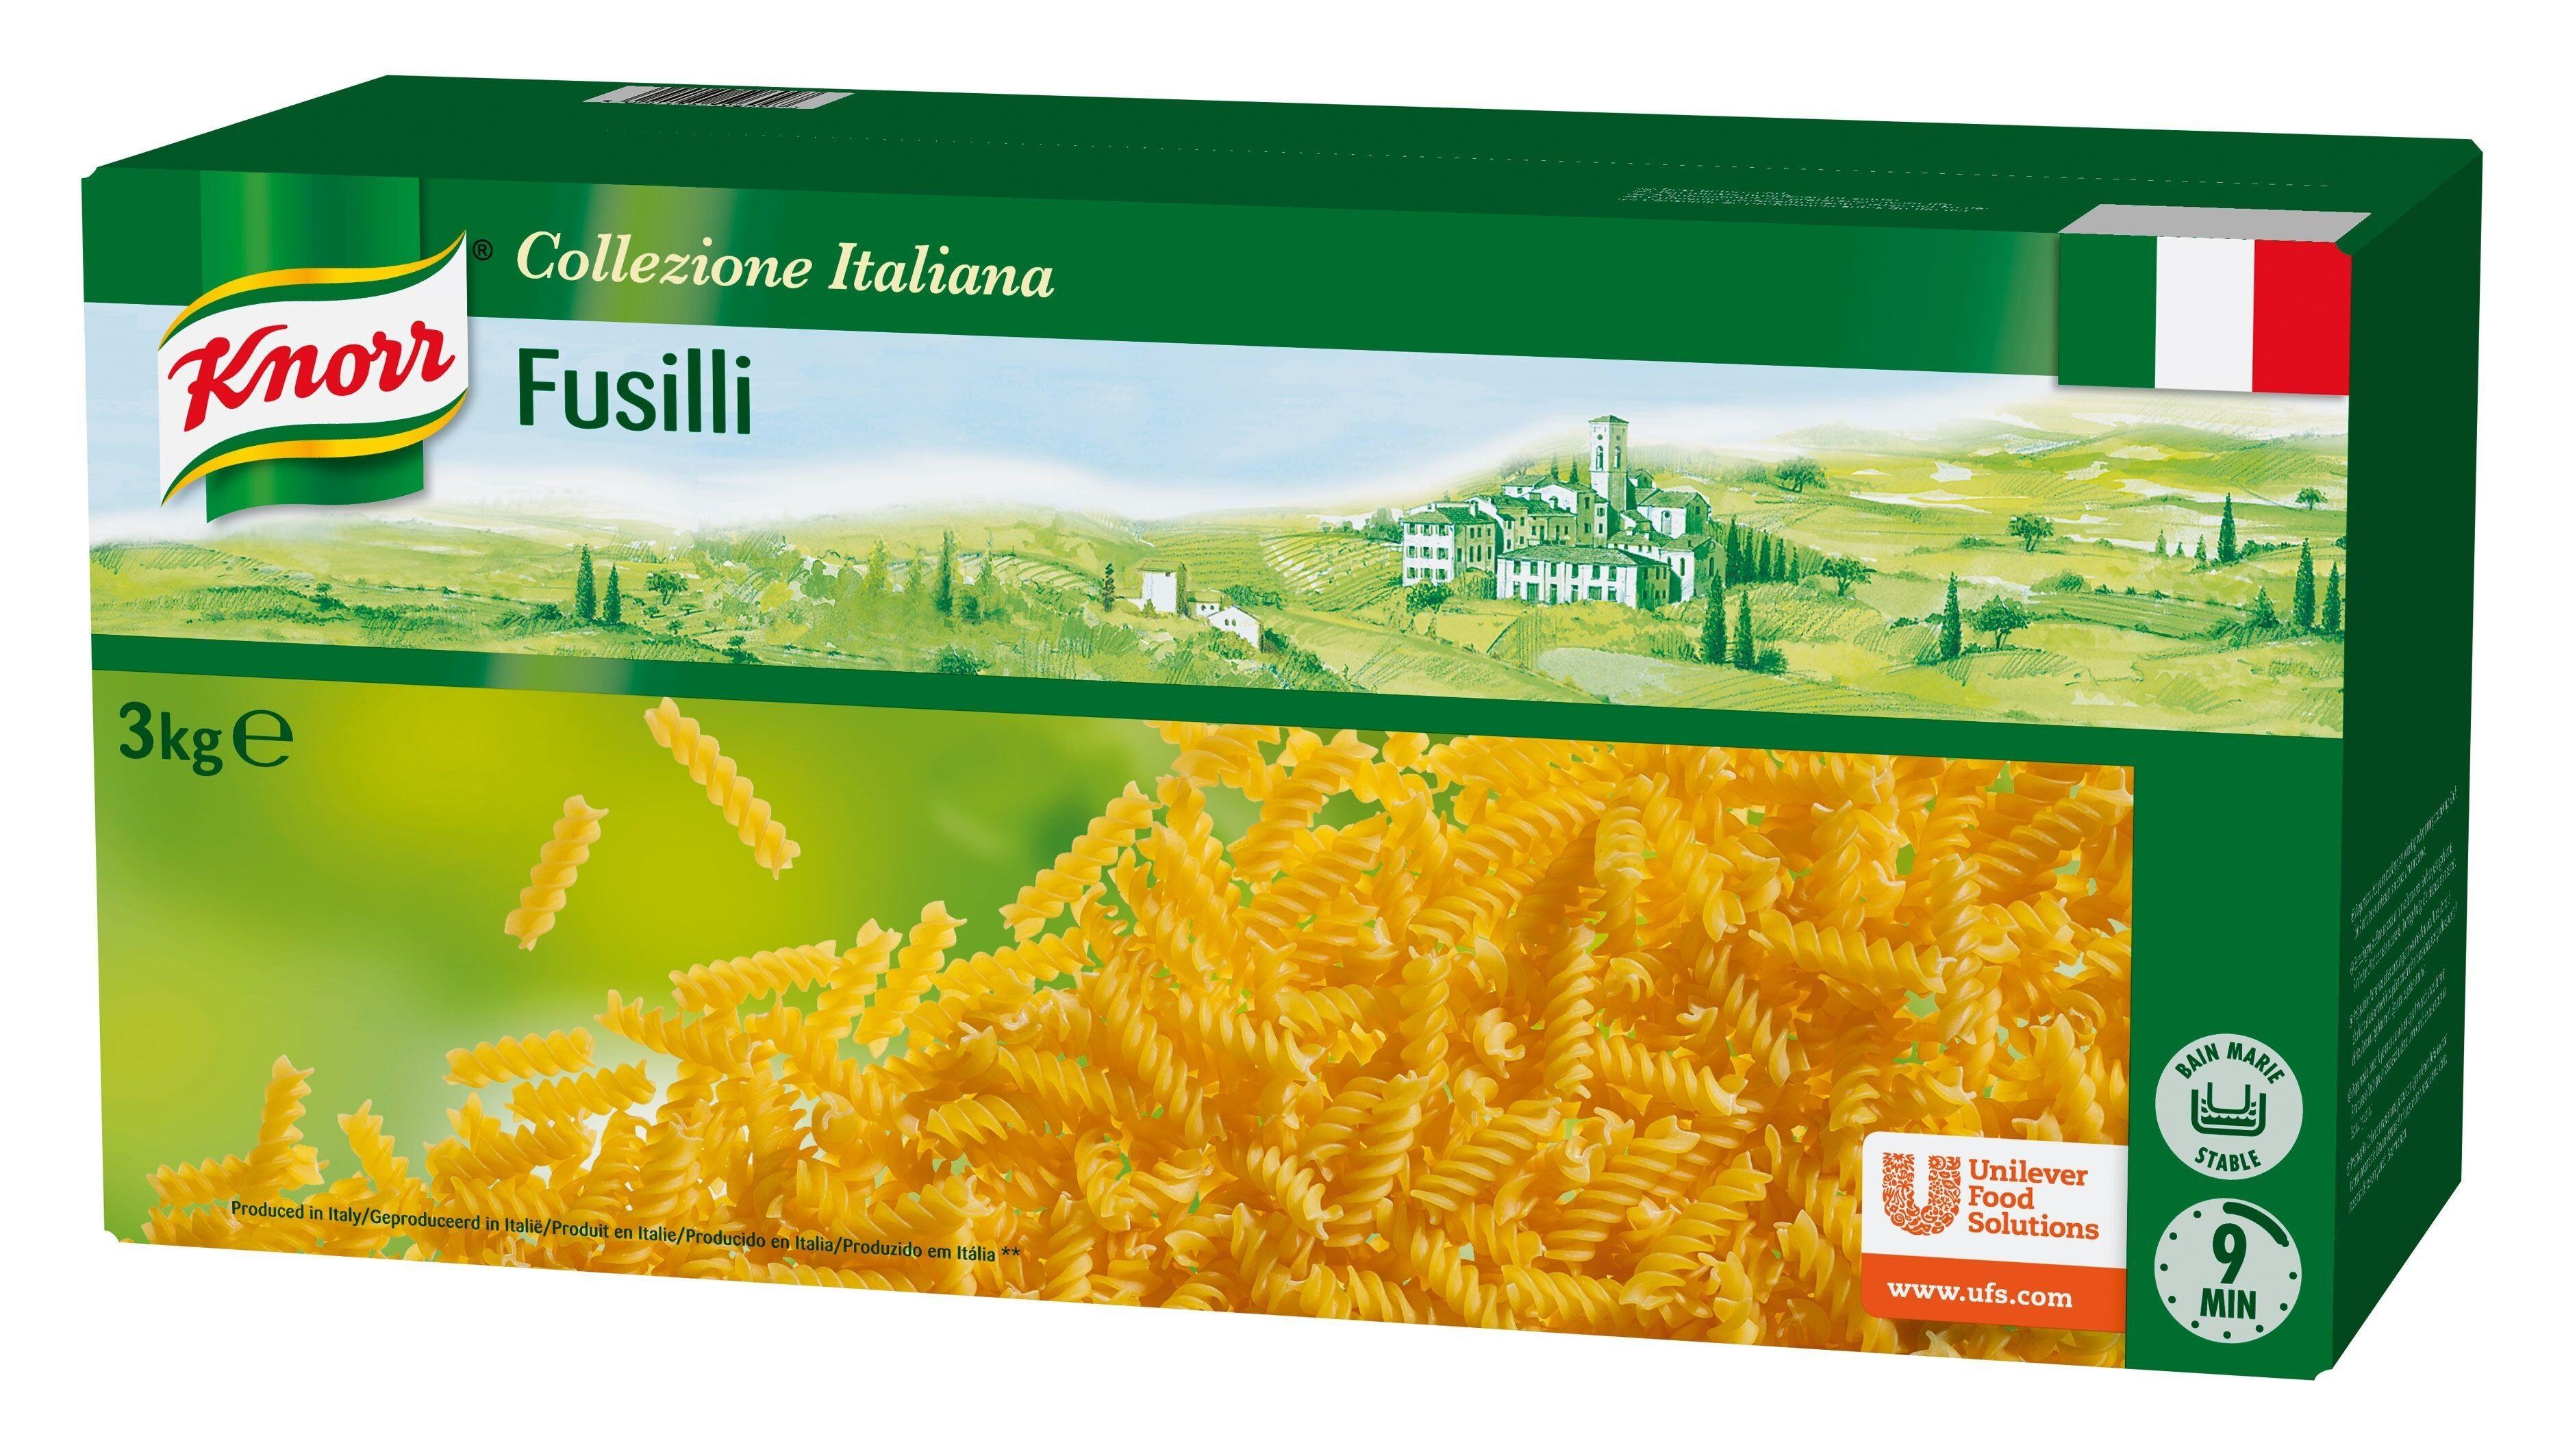 Fusilli 3kg Knorr Collezione Italiana Pasta